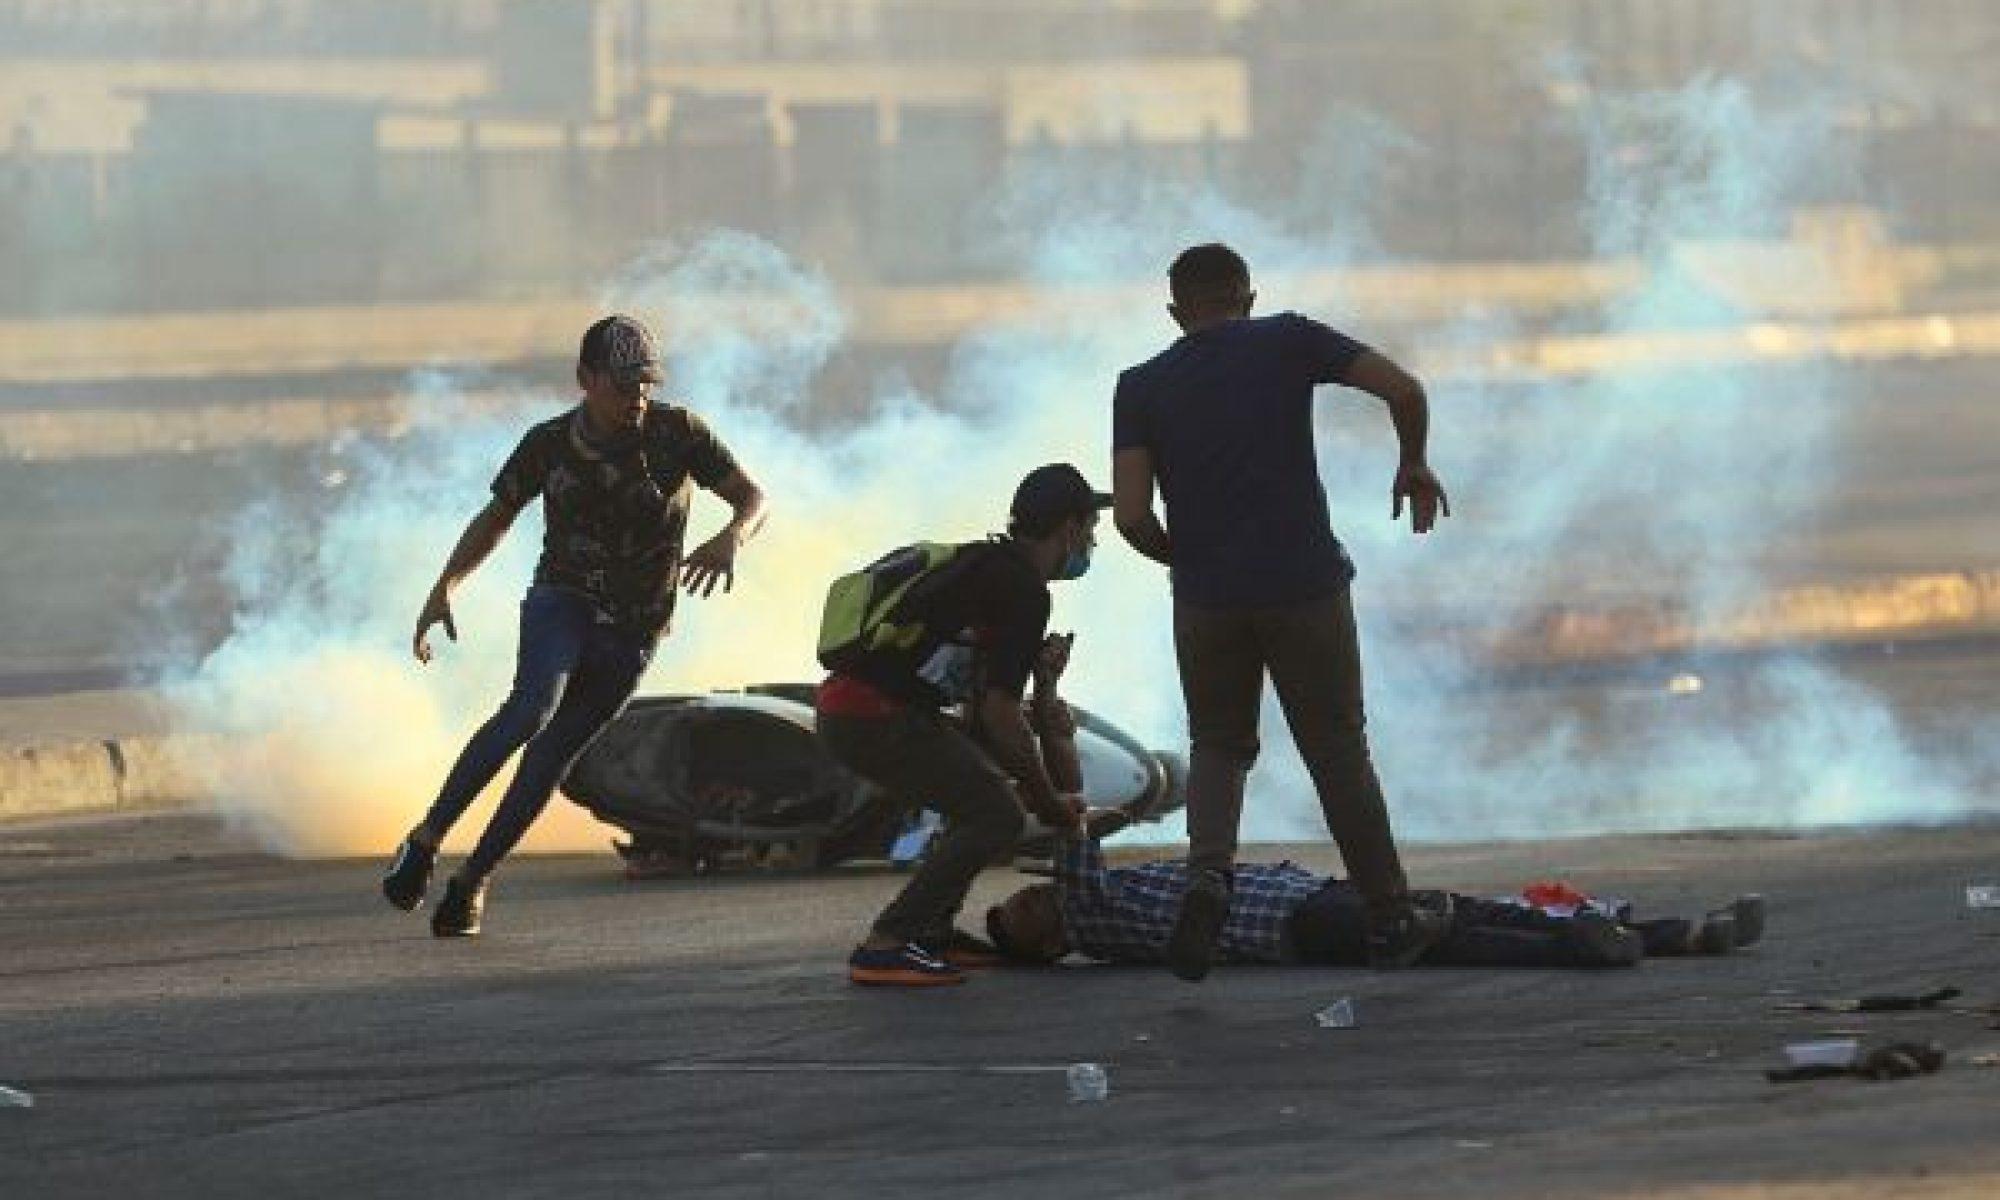 Bağdat'ta durum kötüye gidiyor,7 gösterici öldürüldü